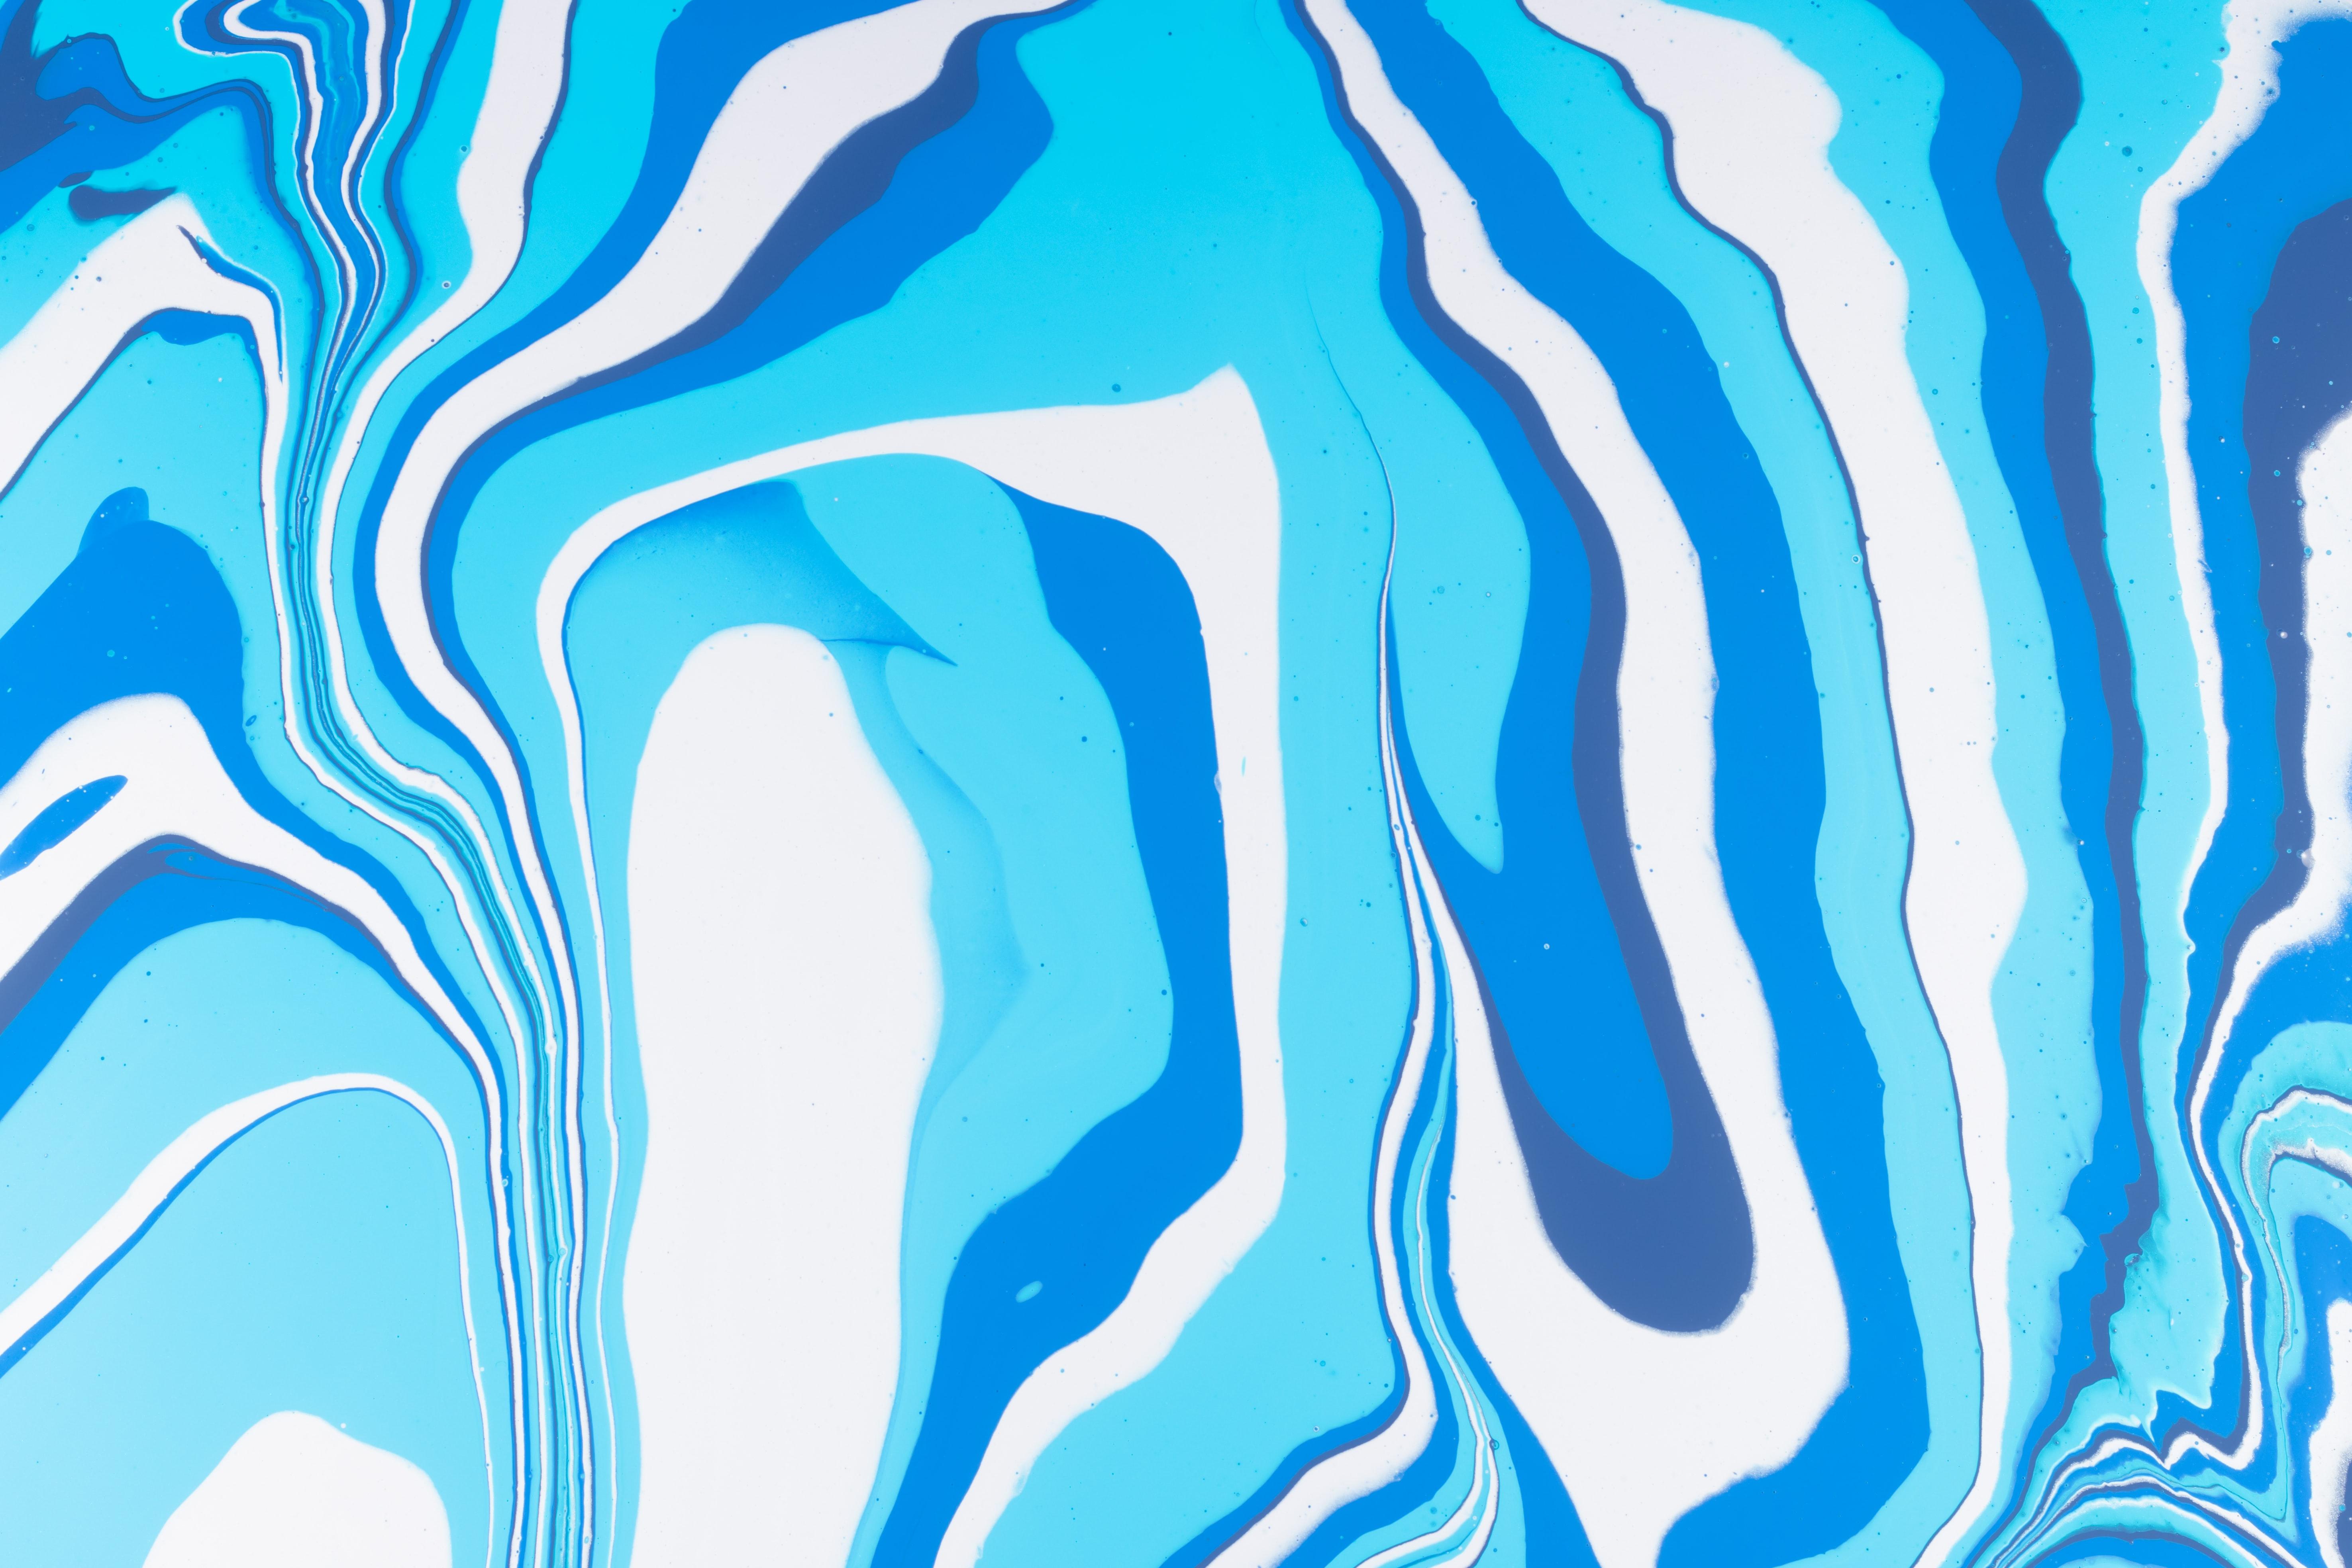 119115 fond d'écran 320x480 sur votre téléphone gratuitement, téléchargez des images Liquide, Abstrait, Divorces, Peindre, Peinture, Rayures, Stries, Art Fluide 320x480 sur votre mobile